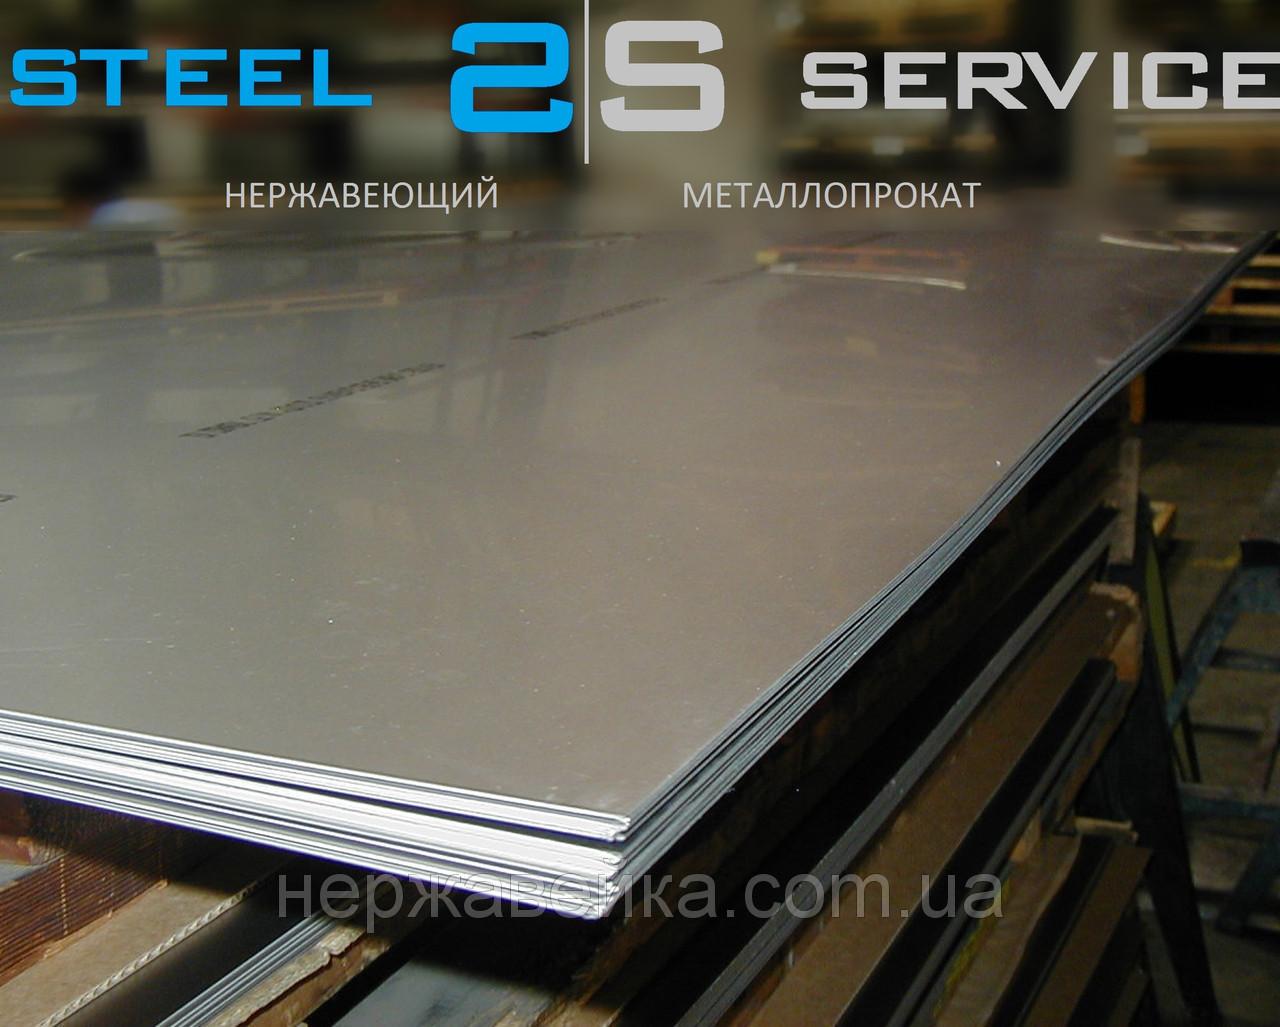 Нержавейка лист 6х1250х2500мм  AISI 304(08Х18Н10) F1 - горячекатанный,  пищевой